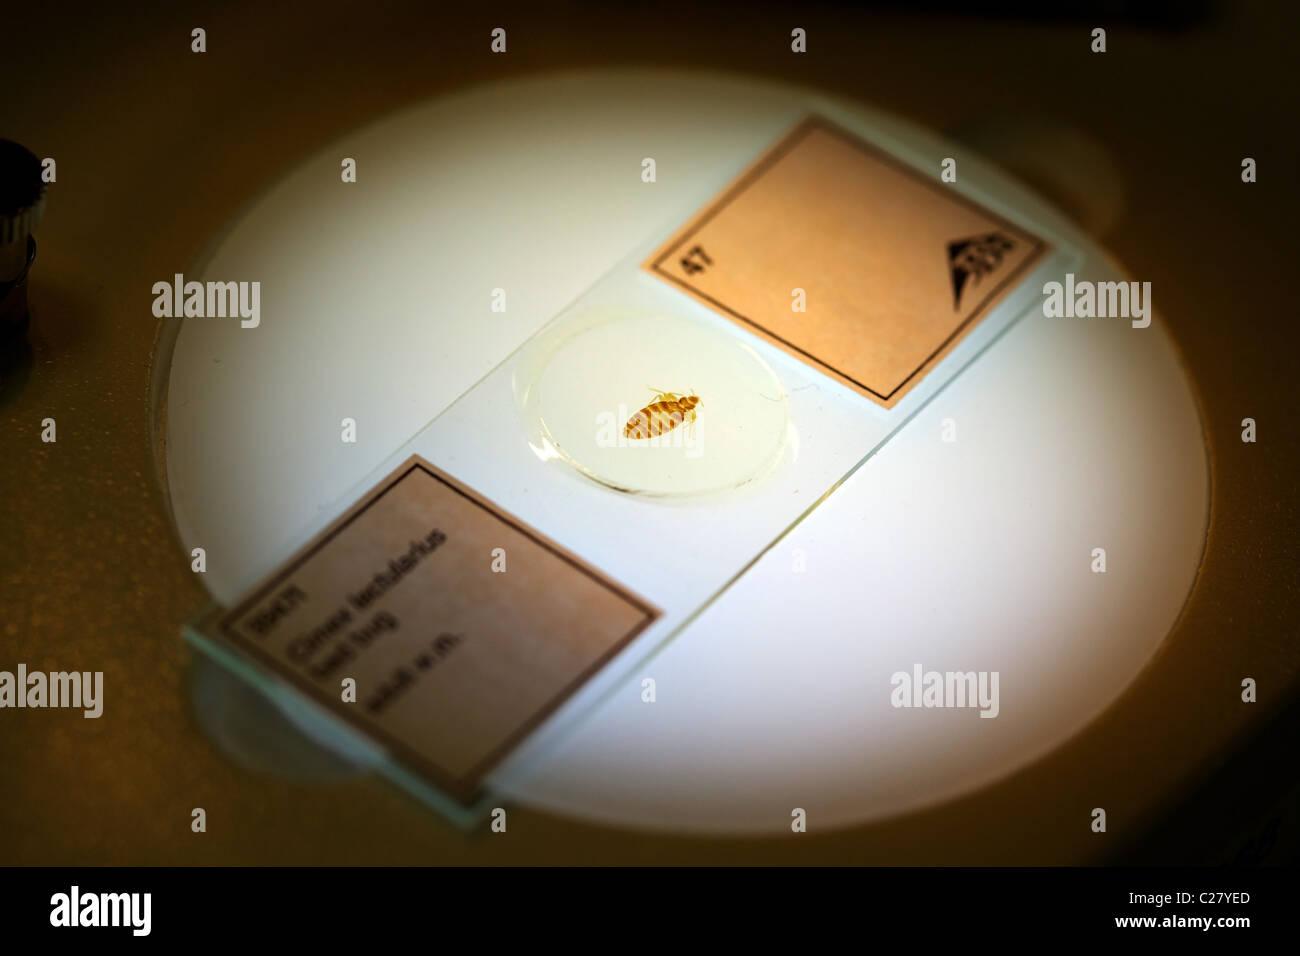 Boîte de Pétri contenant un insecte sous un microscope dans un laboratoire Photo Stock